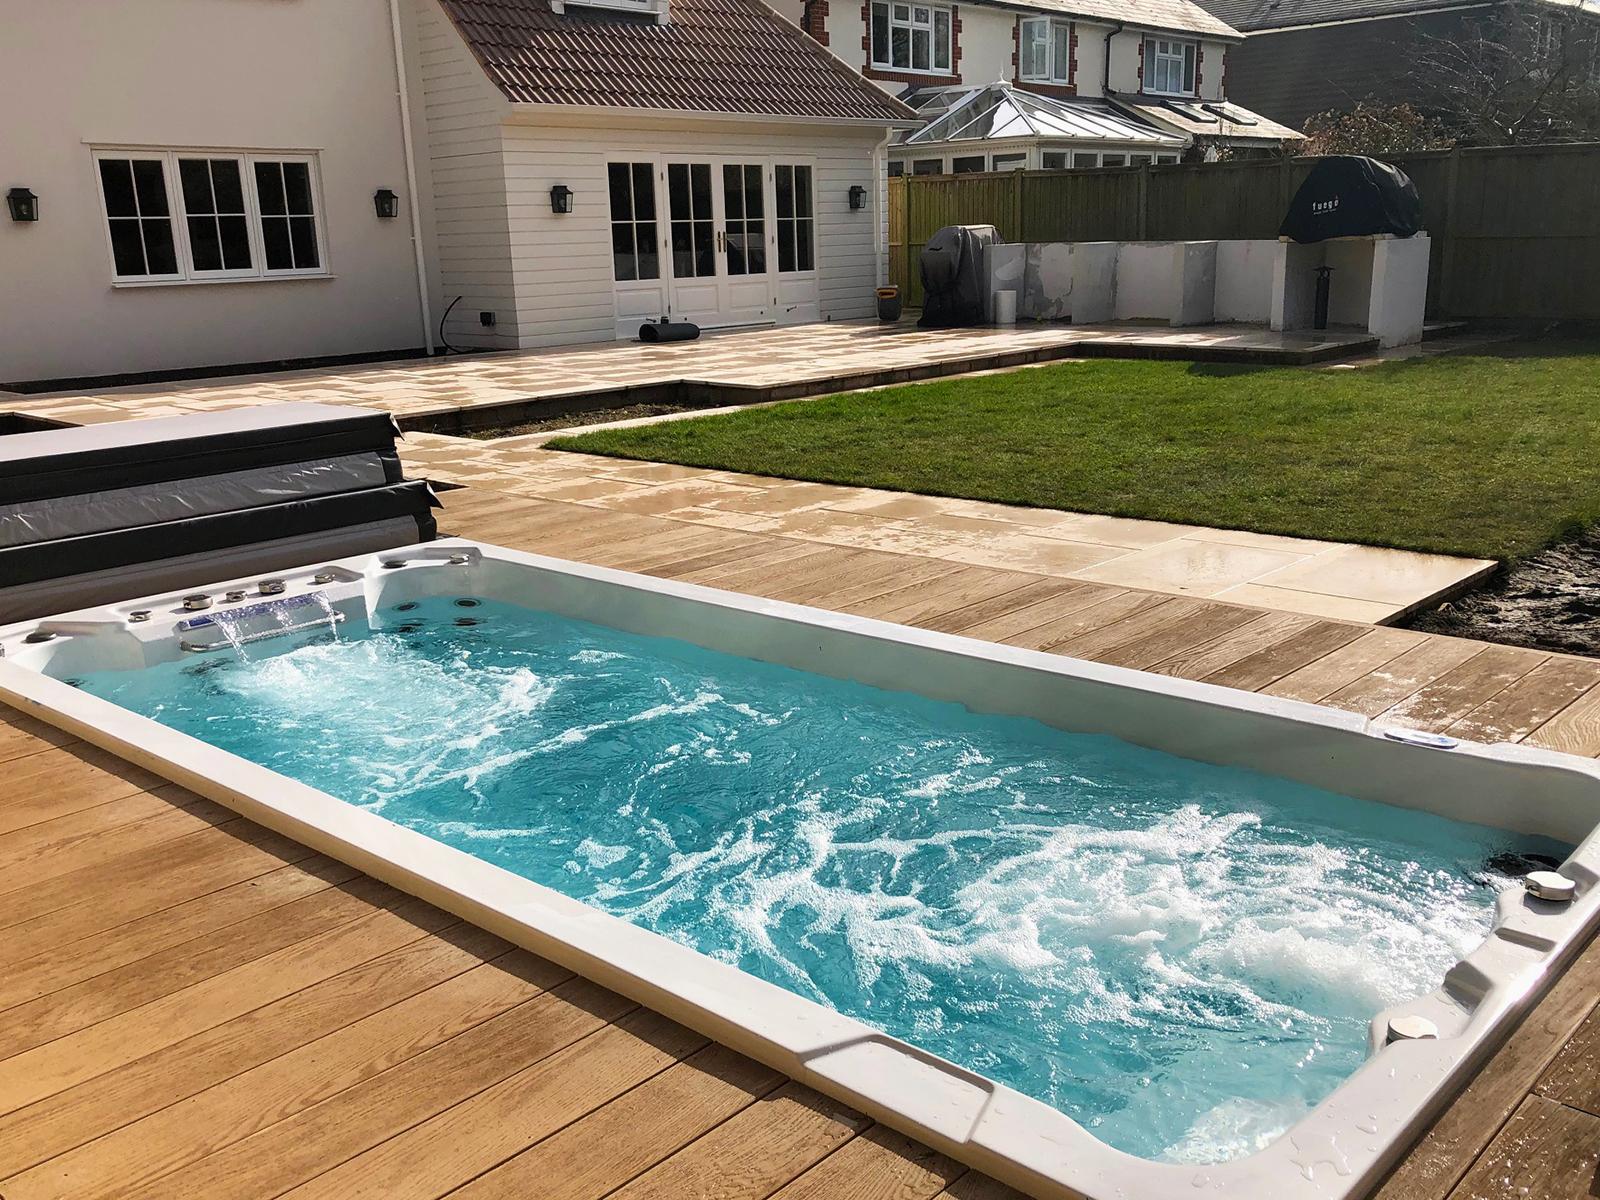 BHT 2000 Pro Swim Spa in Decking